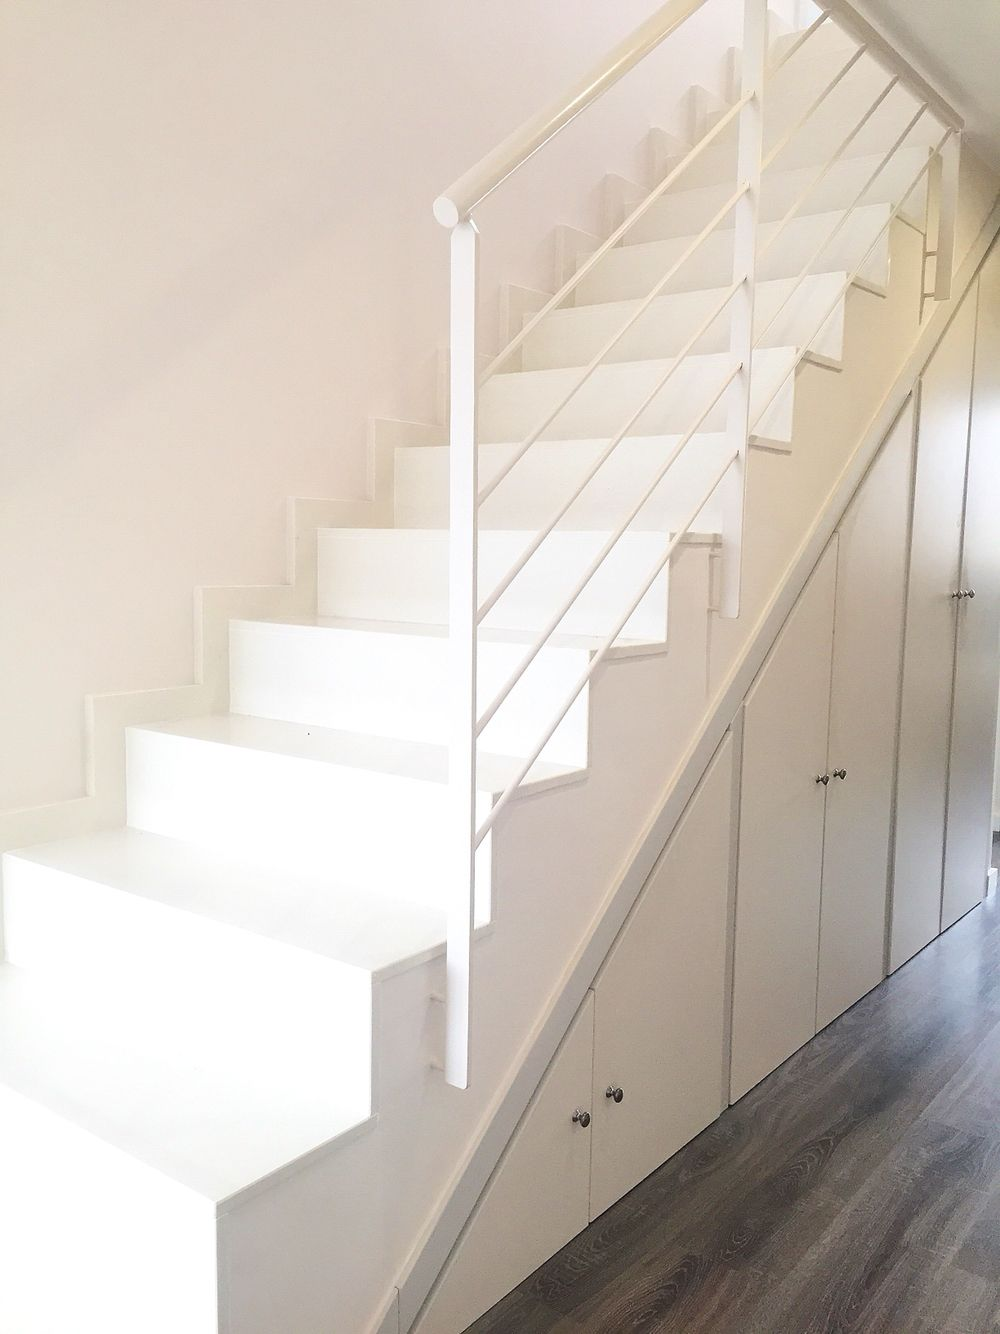 Escaleras marmol y piso madera buscar con google for Escaleras de marmol y granito